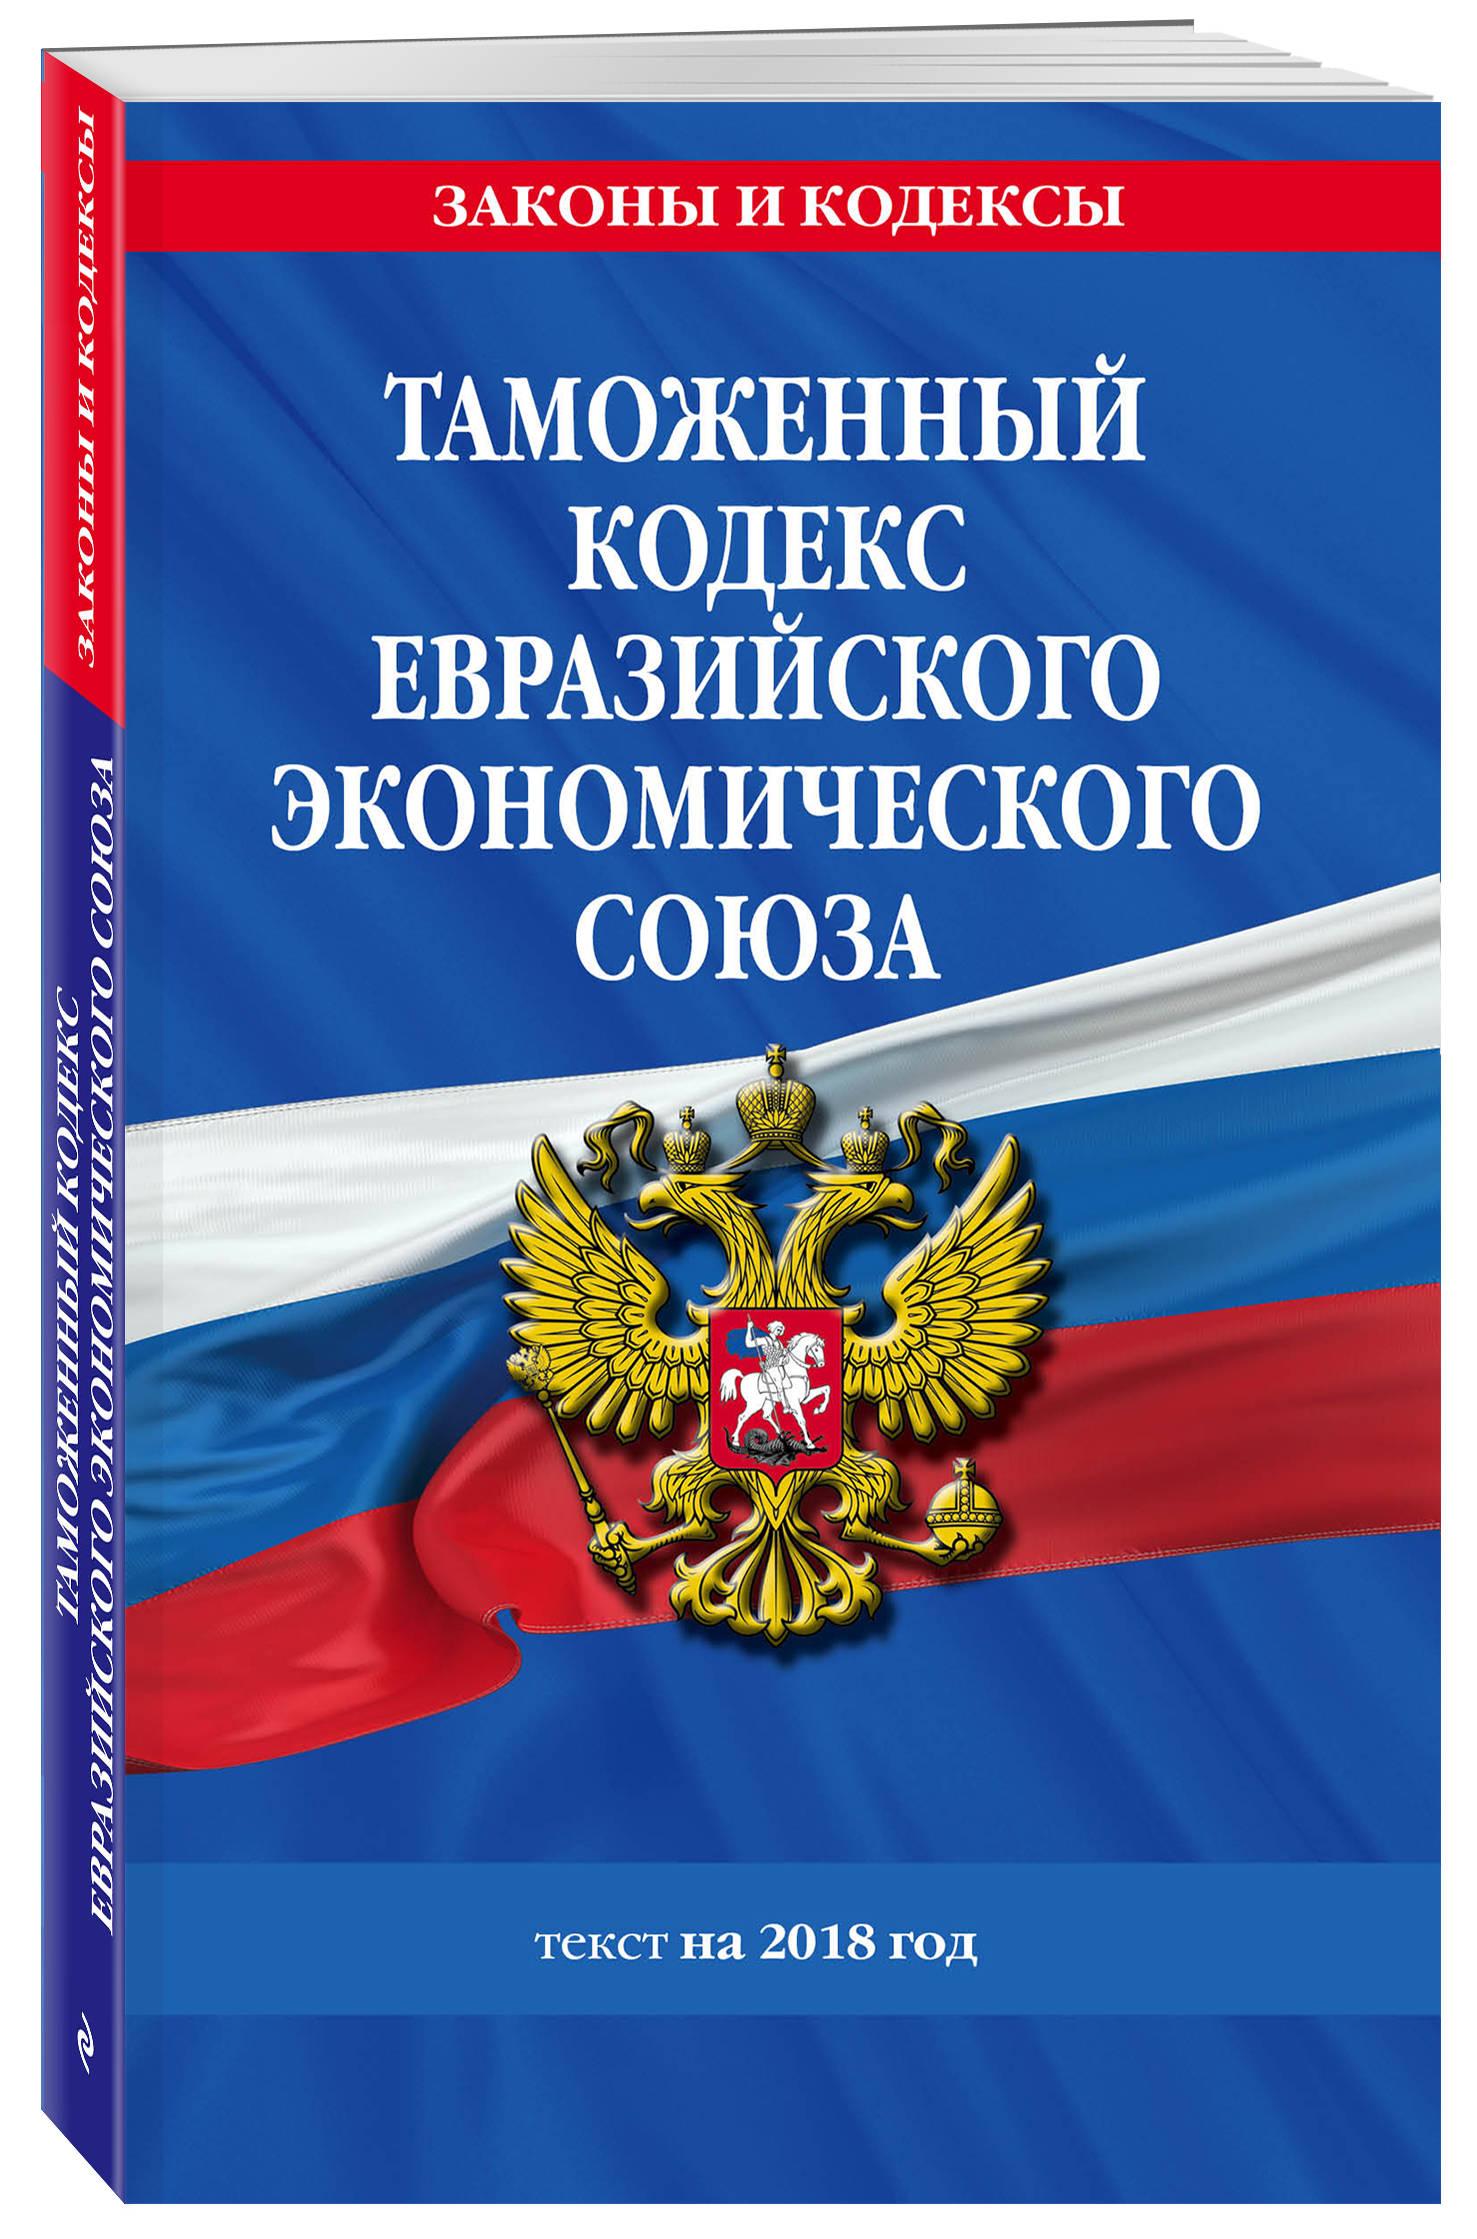 9785040926039 - Таможенный кодекс Евразийского экономического союза: текст на 2018 год - Книга